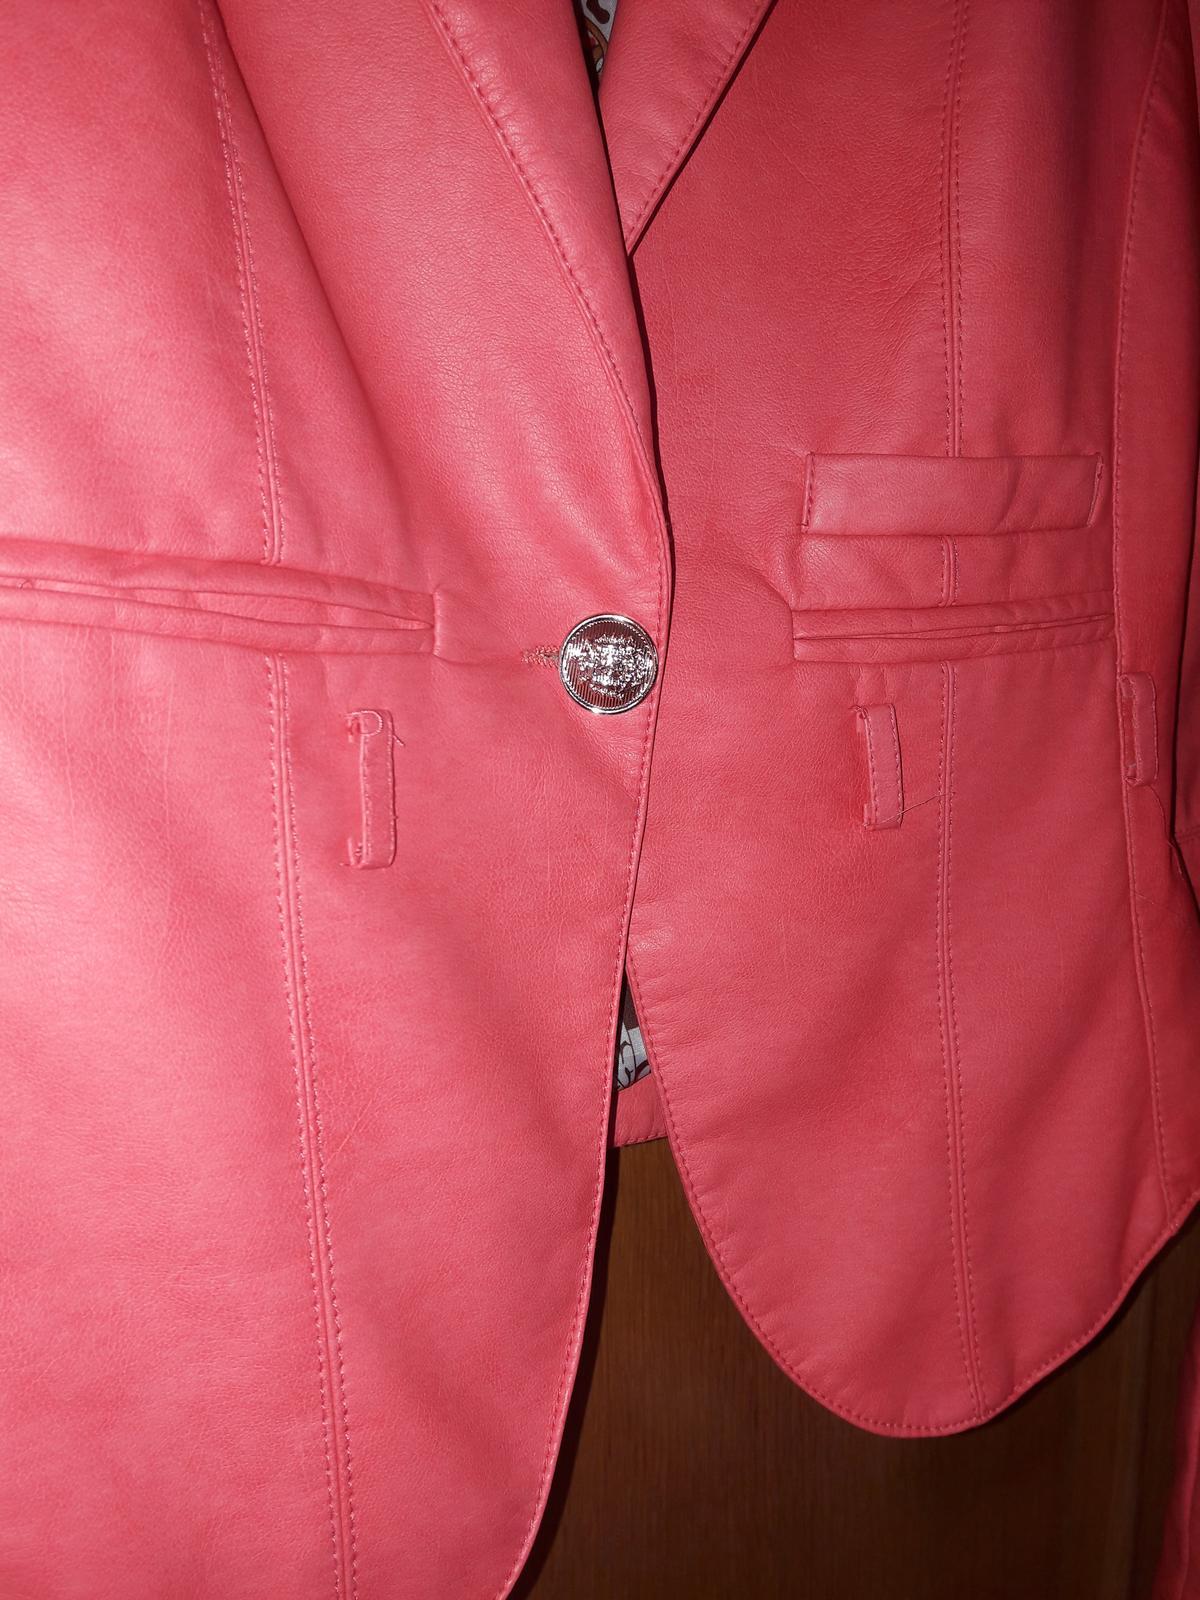 elegantná kožienka veľkosť M - Obrázok č. 2